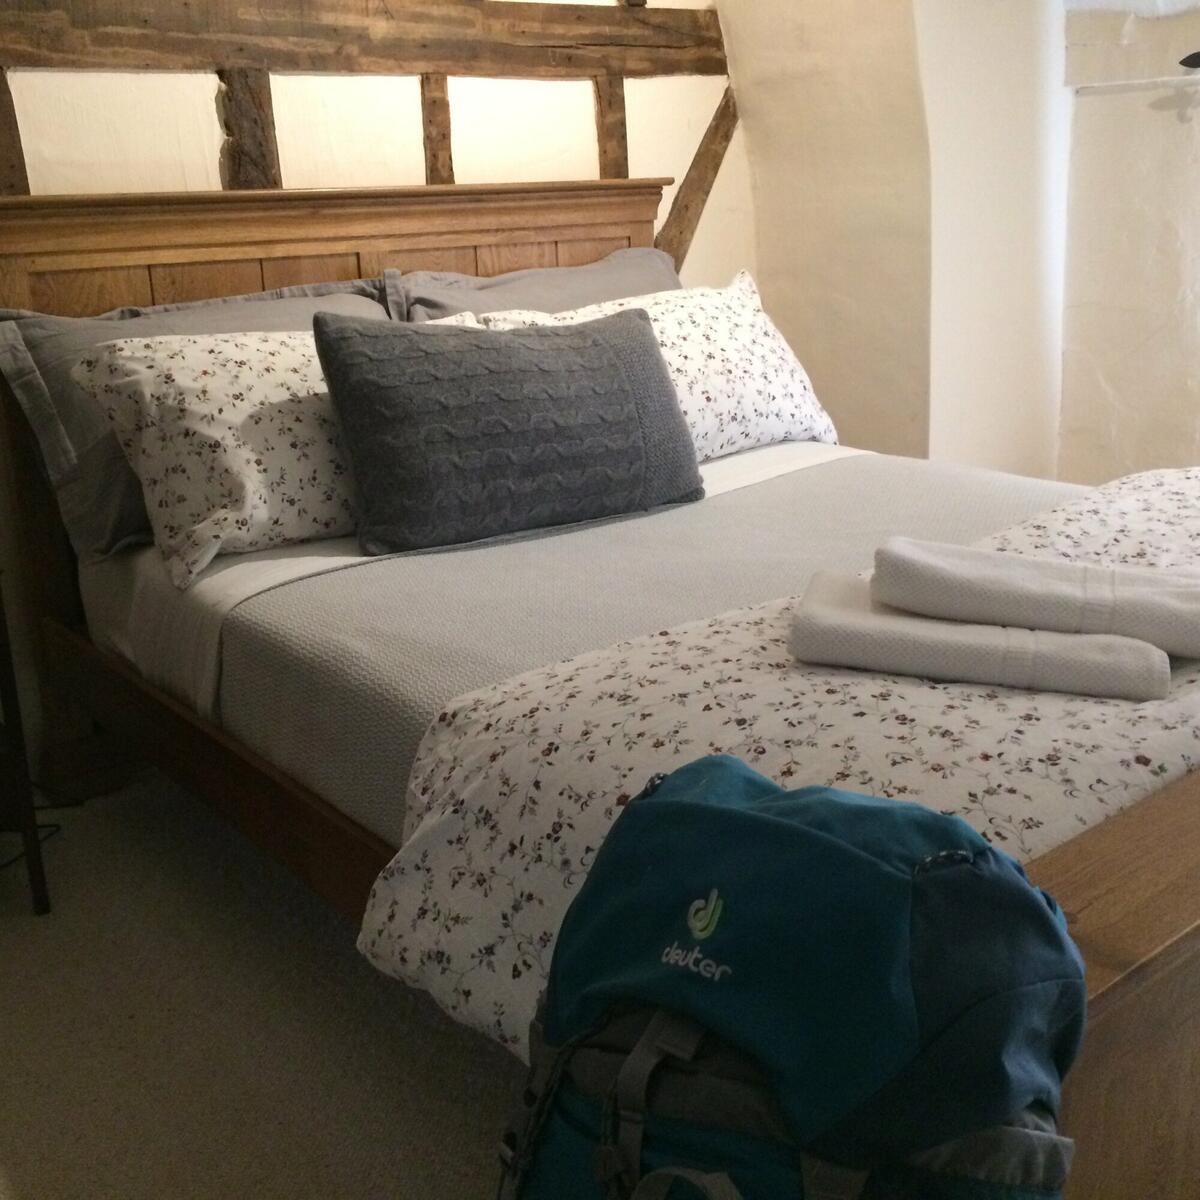 Super comfy beds